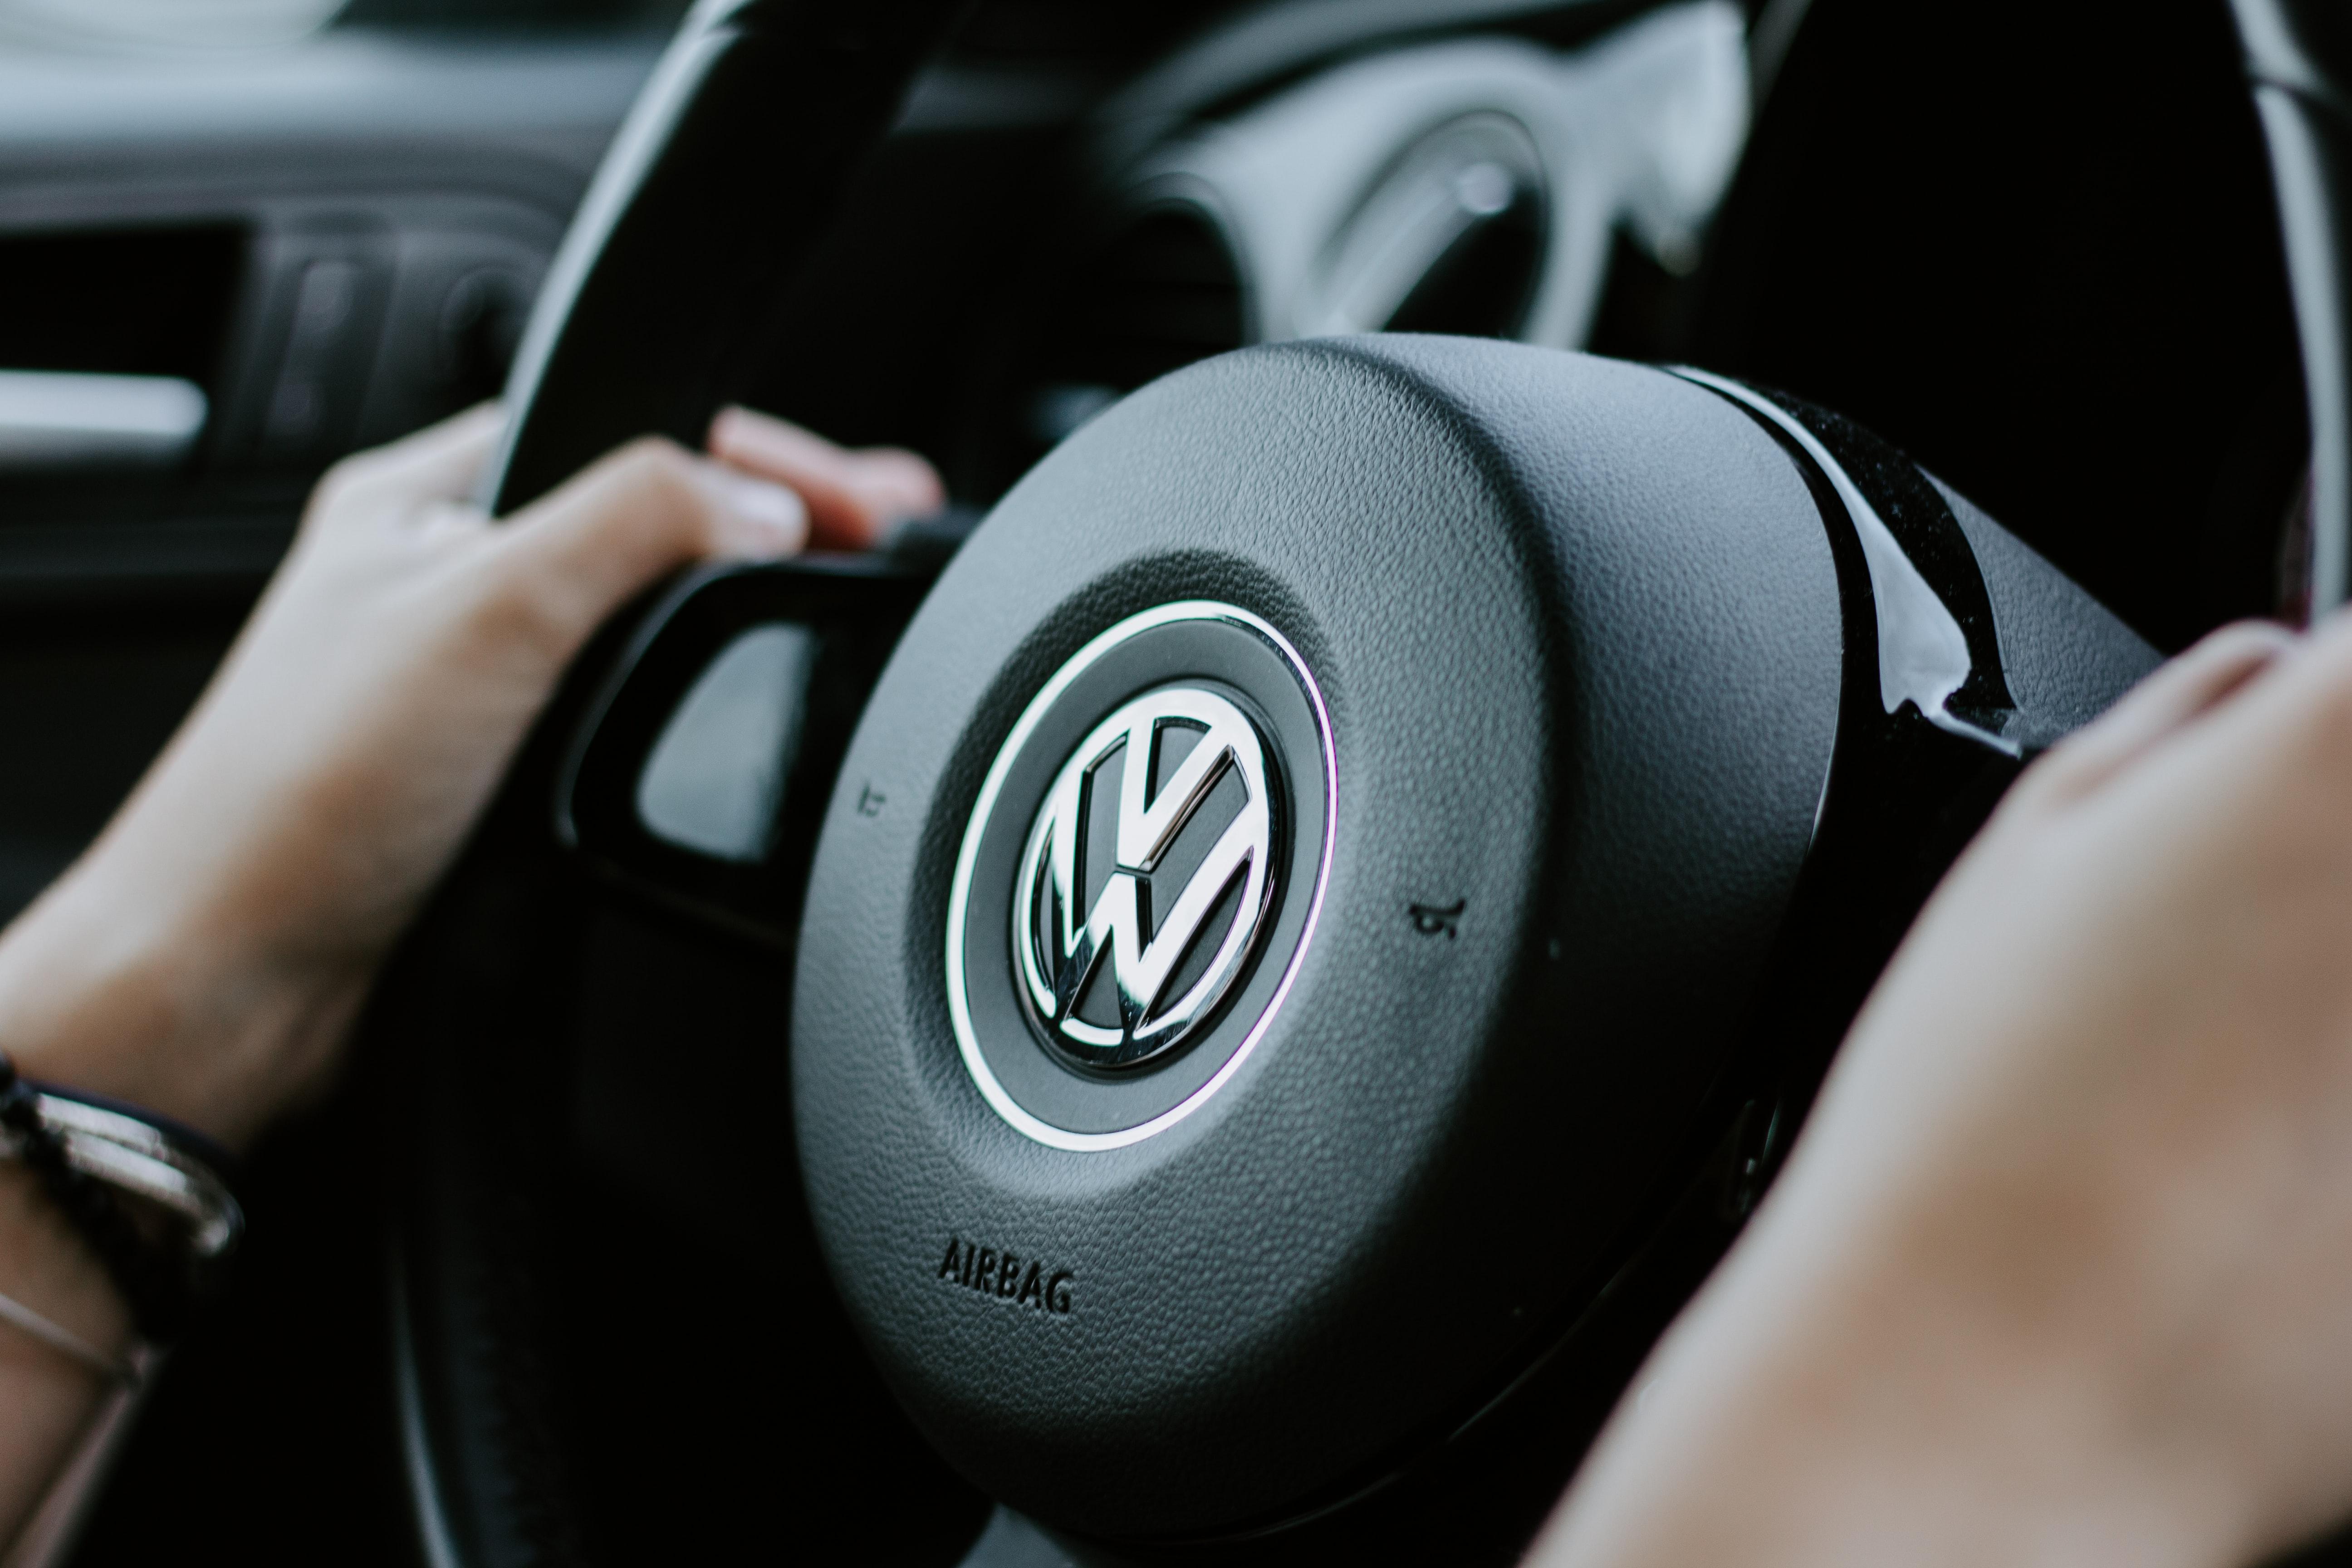 Volkswagen wybrał partnera do budowy autonomicznego samochodu. Decyzja nie zaskakuje